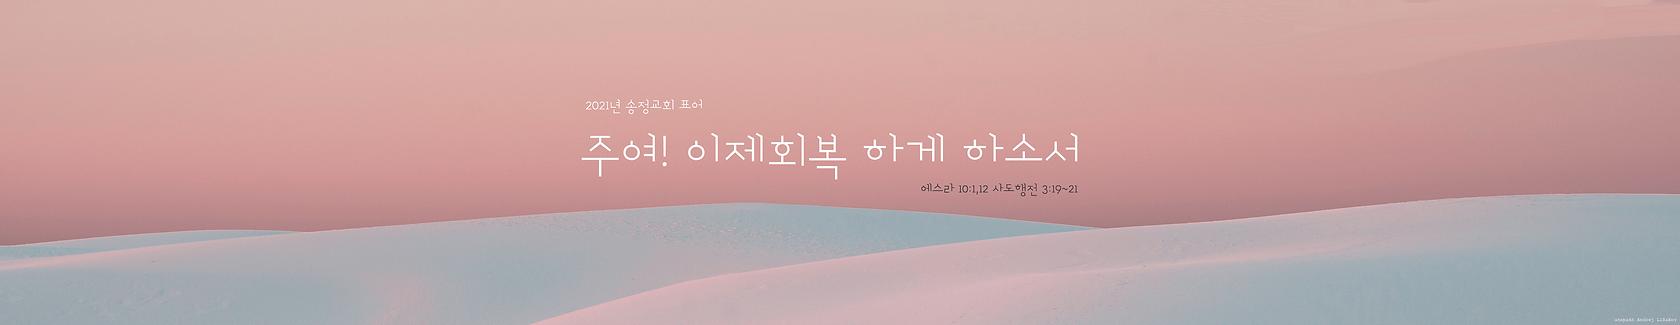 SJC-wix메인베너-베이스-최종 (1).png